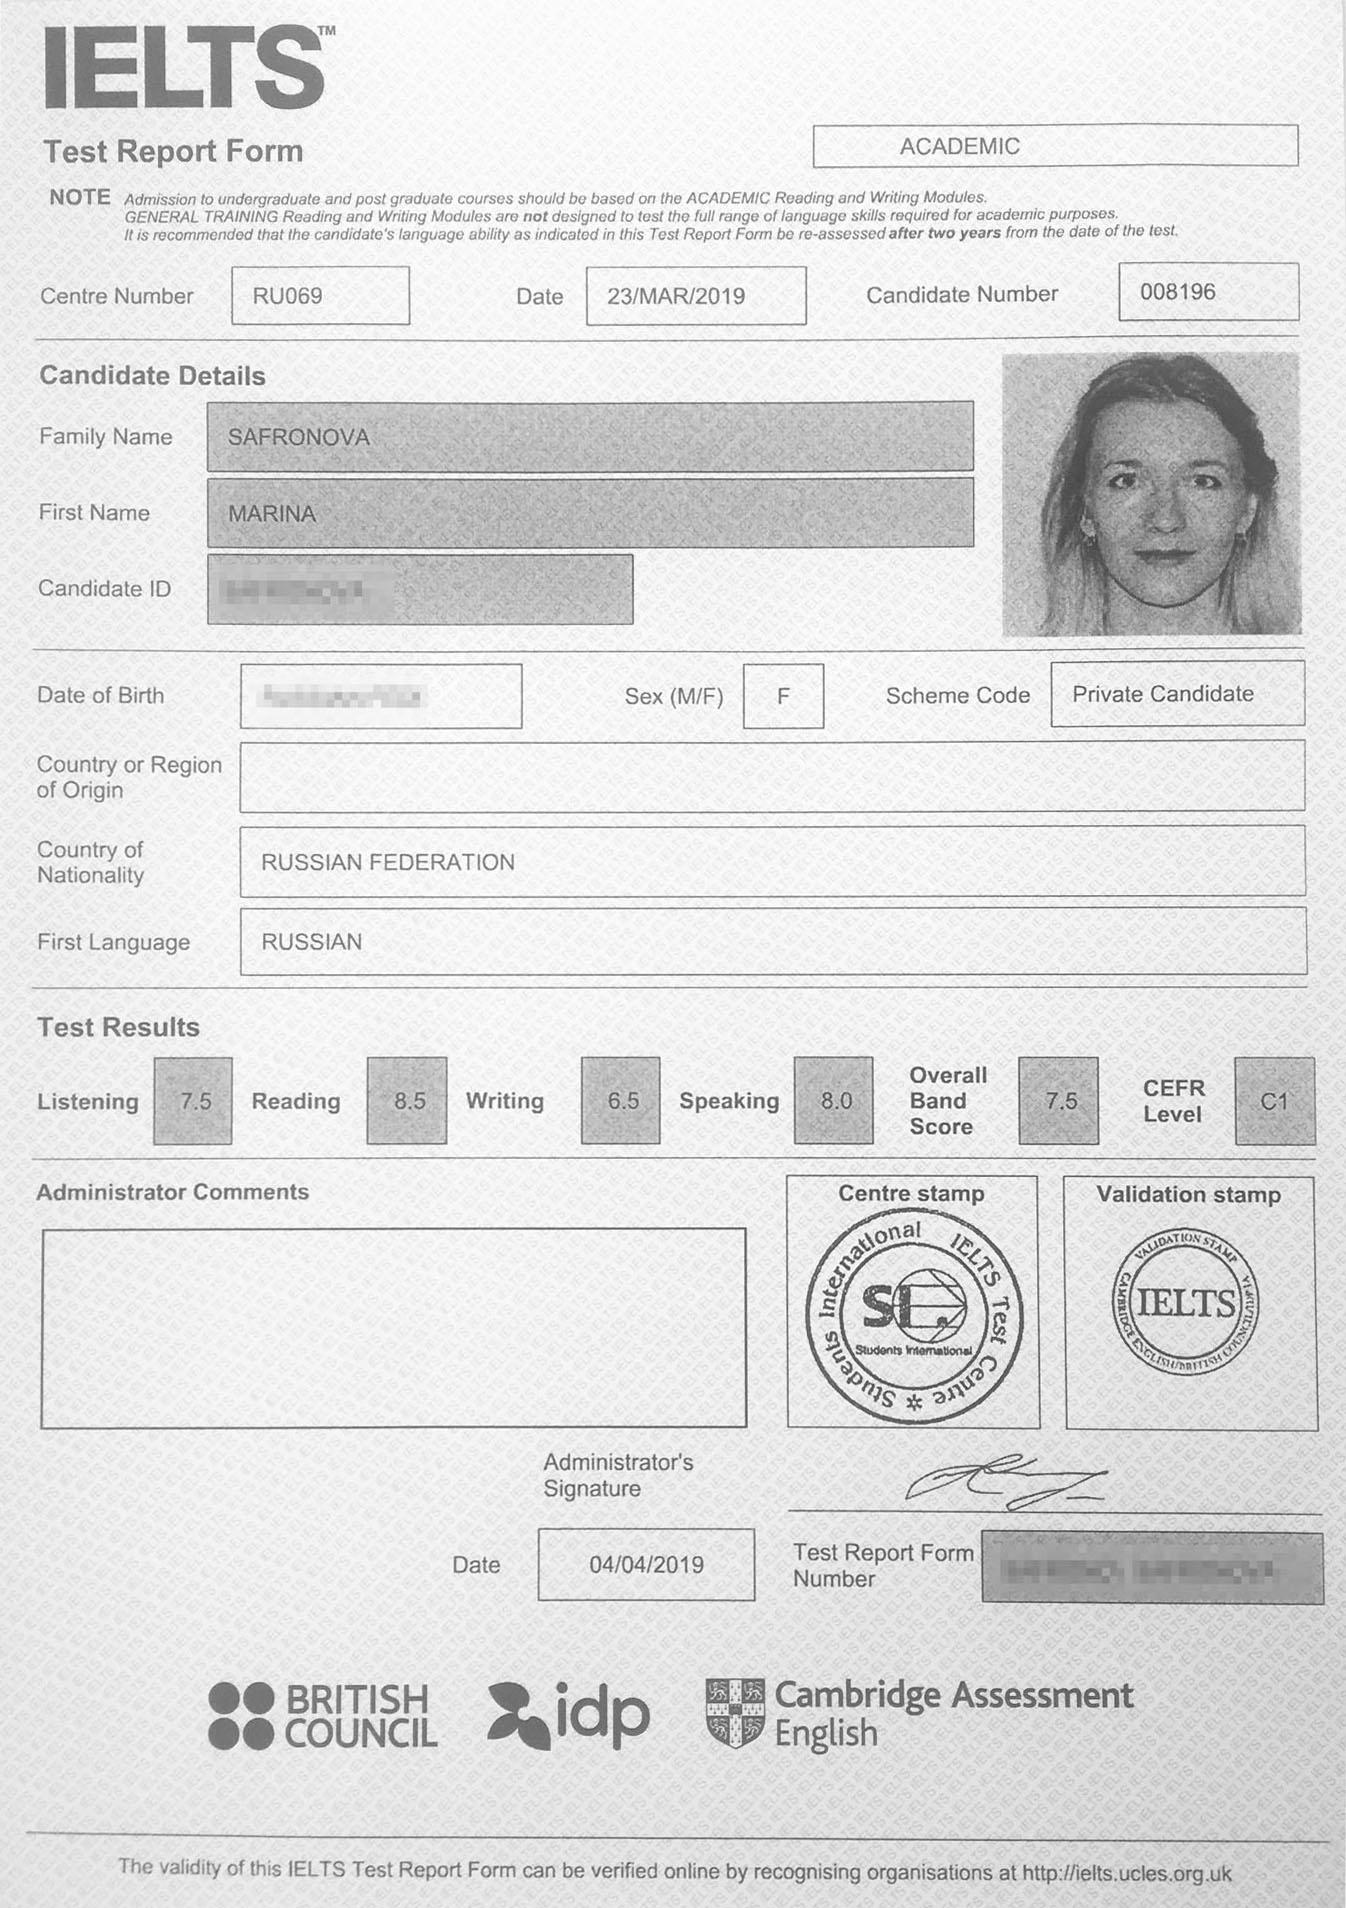 Сертификат IELTS: баллов достаточно длястипендии, но недостаточно дляуниверситета